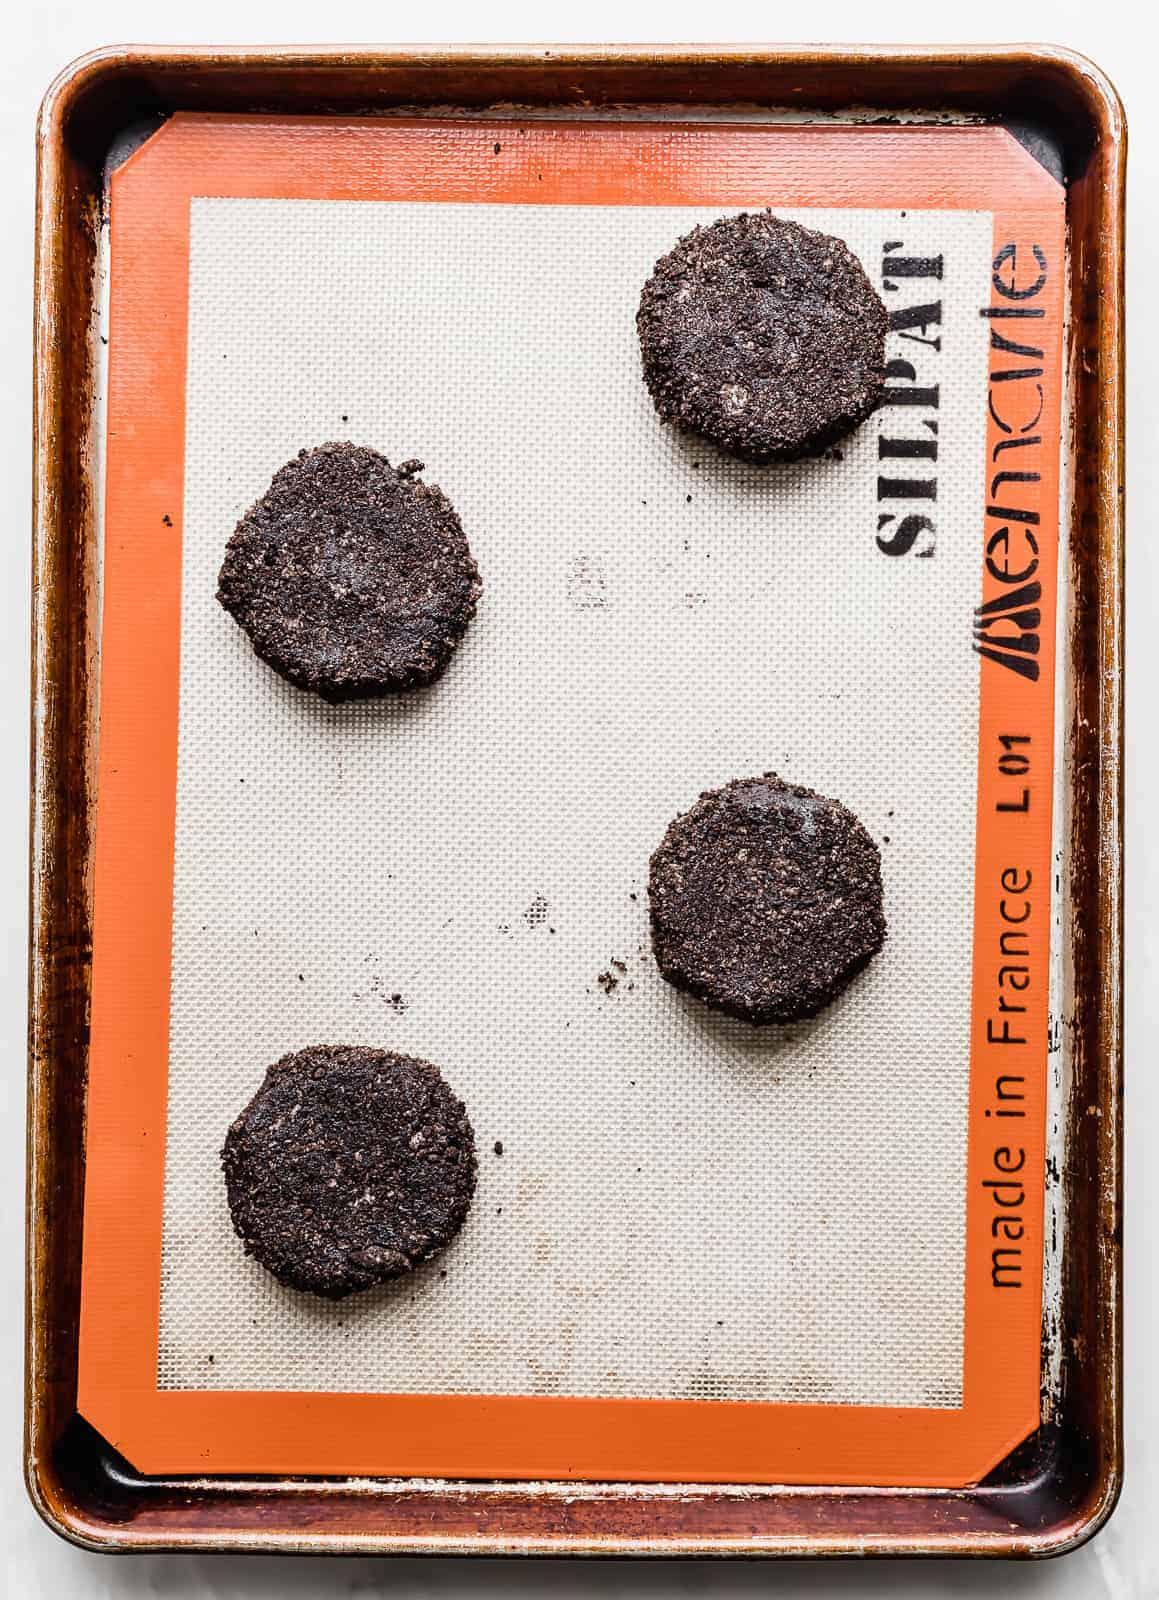 Black cookie dough batter balls on a baking sheet.